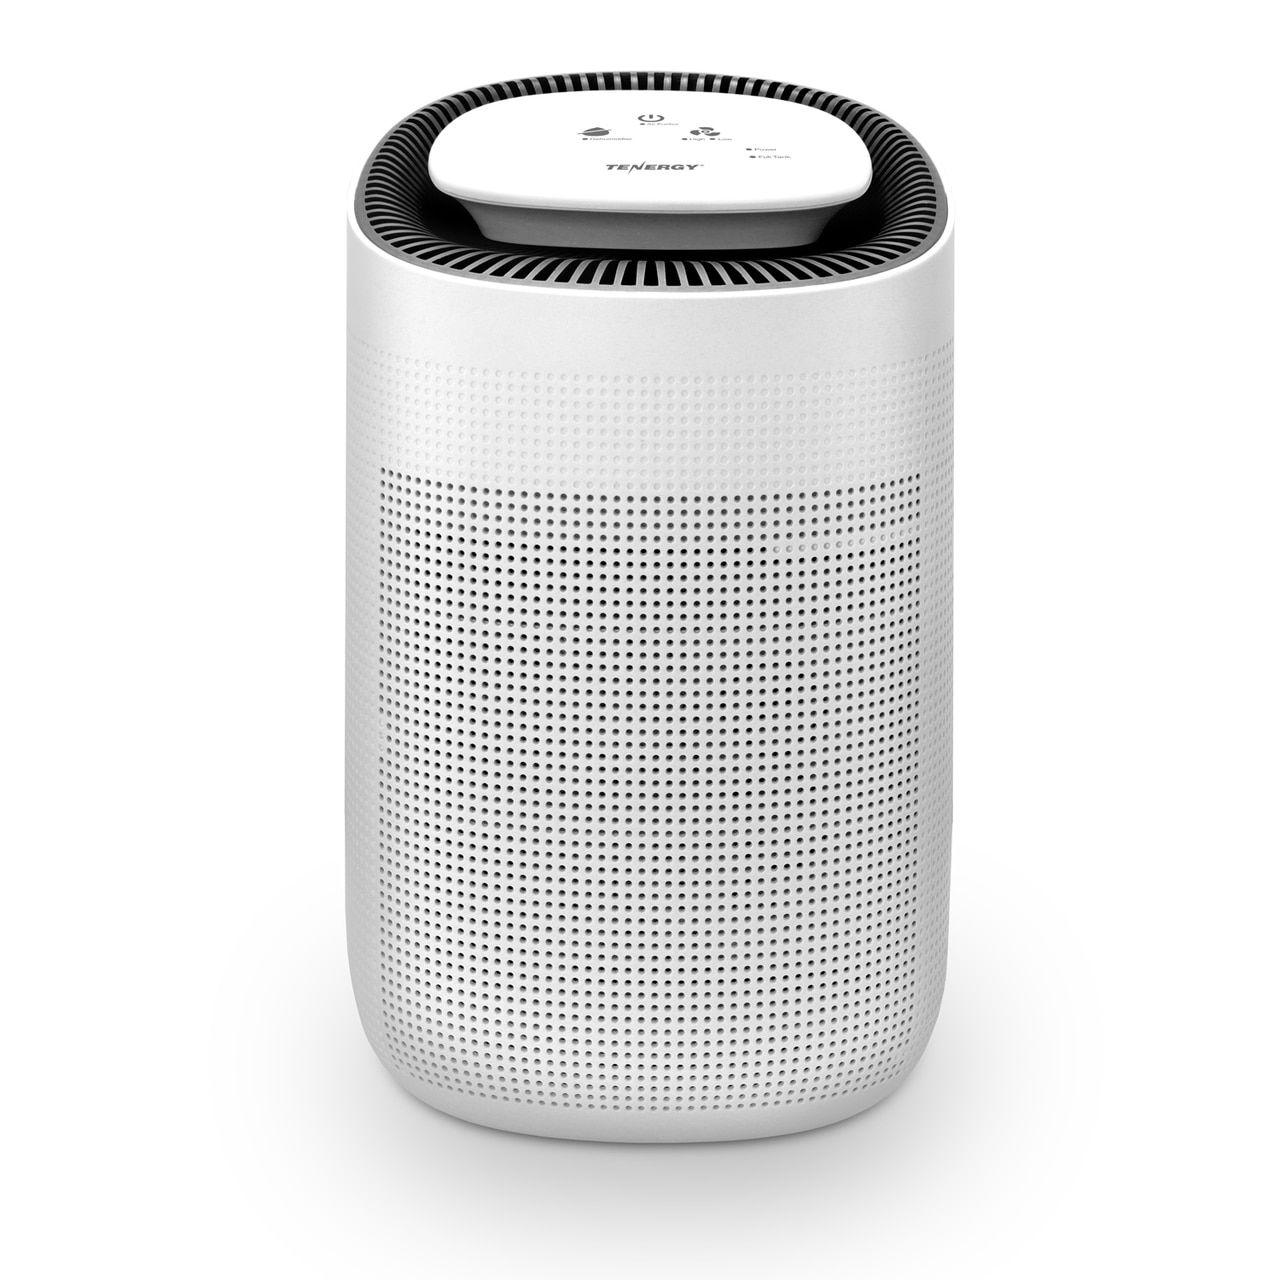 Sorbi 1000ml Air Dehumidifier Dehumidifiers, Portable